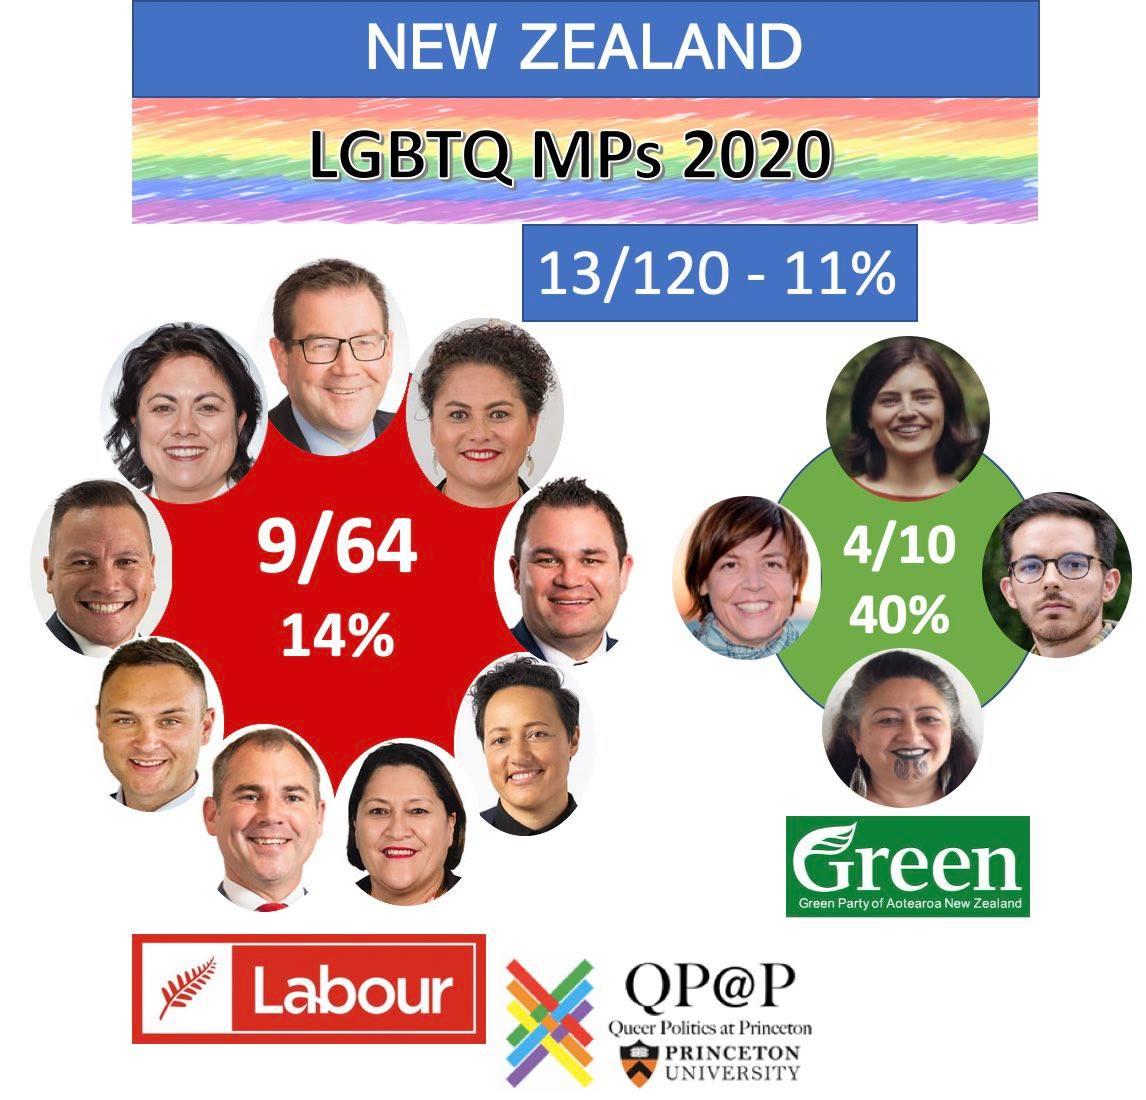 最彩虹的民意殿堂:紐西蘭國會LGBT議員比例全球最高!